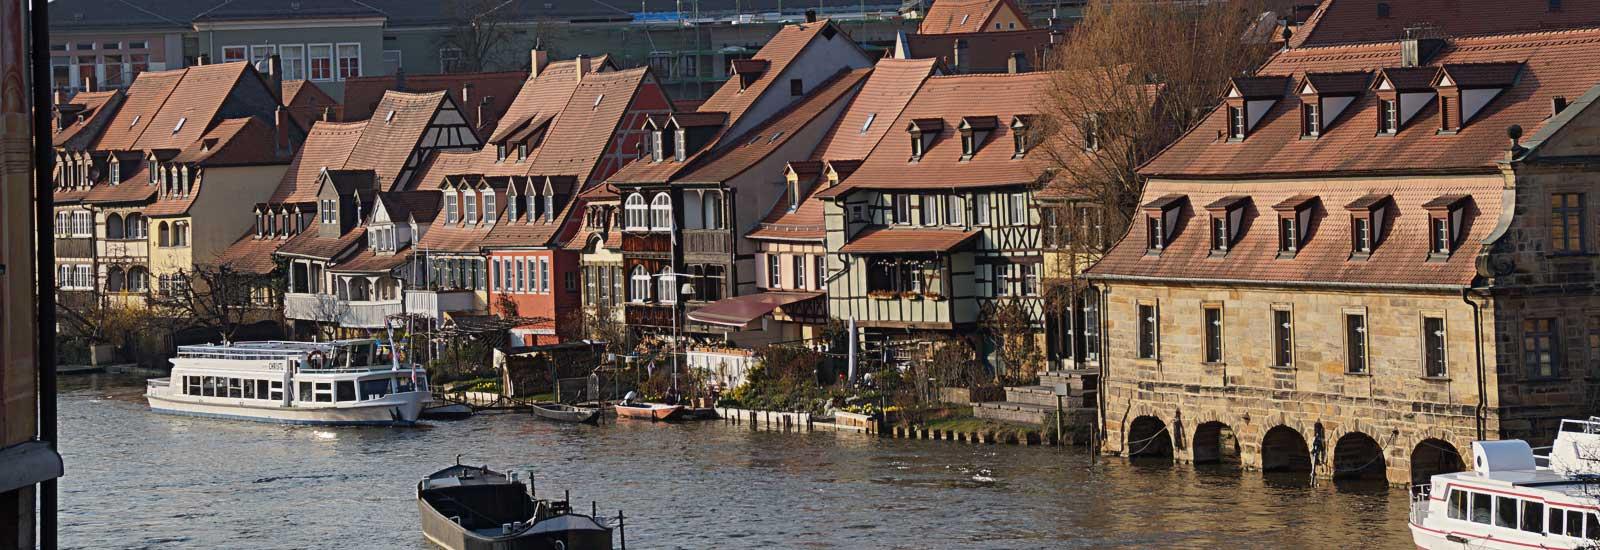 Bamberg Hafen - Oppida Schöne Städte